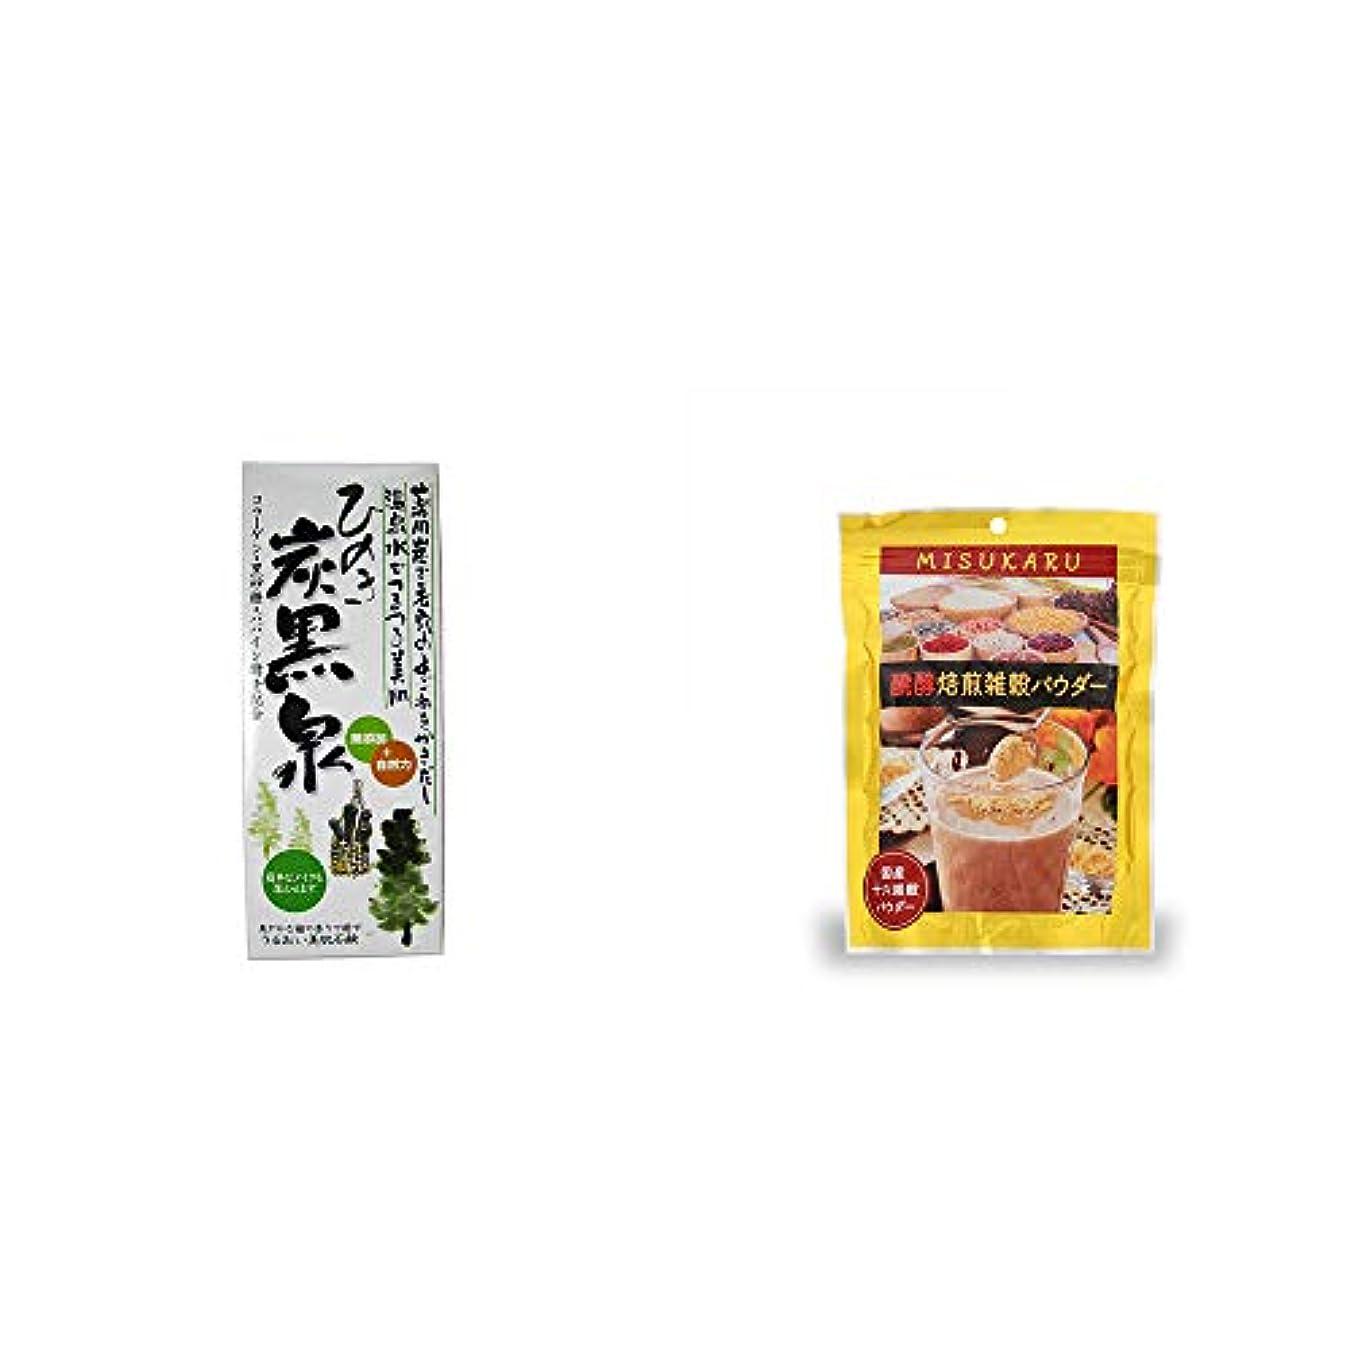 経験的シャンプーマーカー[2点セット] ひのき炭黒泉 箱入り(75g×3)?醗酵焙煎雑穀パウダー MISUKARU(ミスカル)(200g)